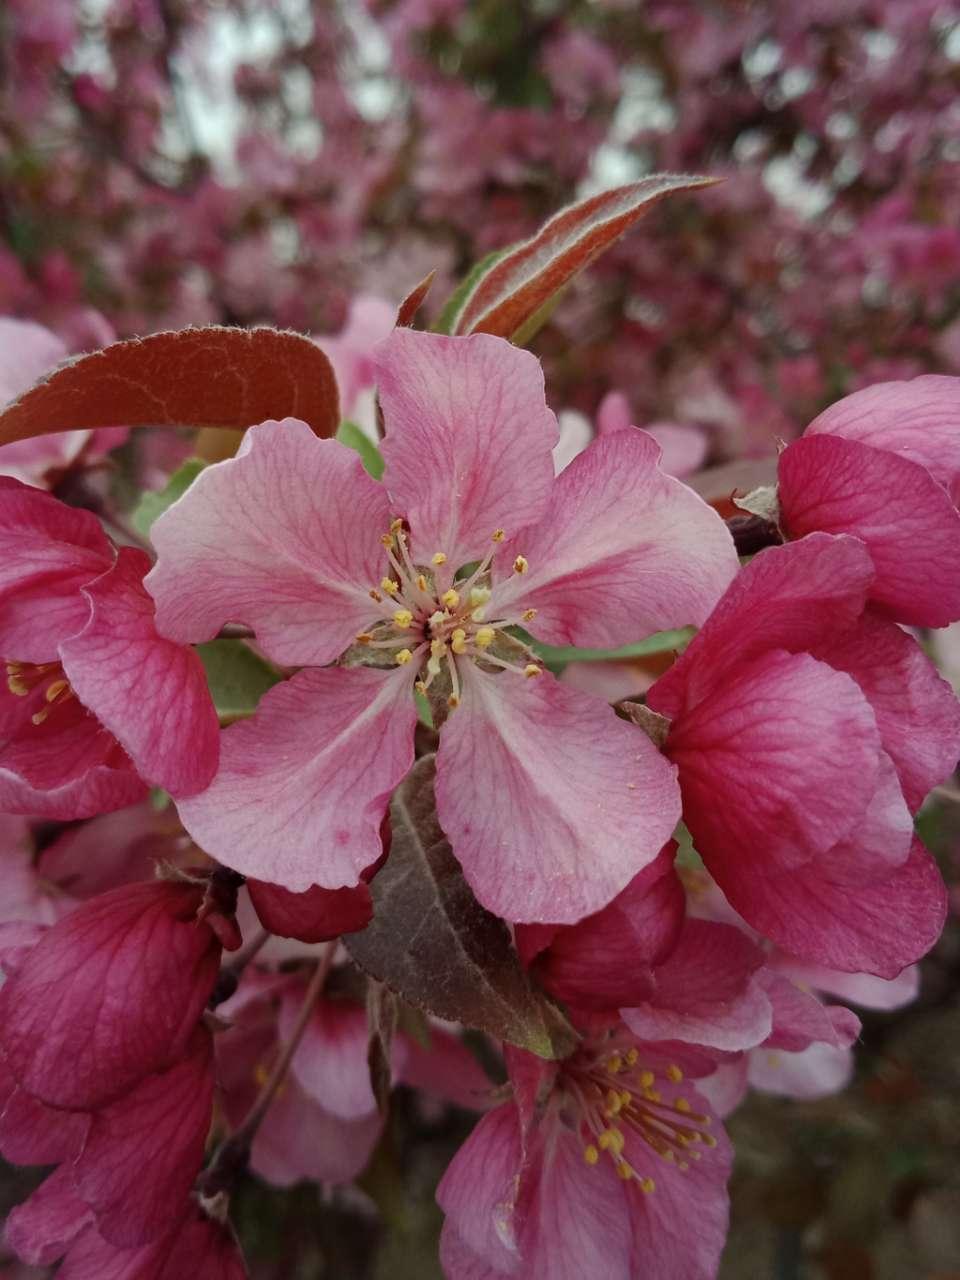 狼毒花,荠菜花,紫荆花,春天处处都好看-16.jpg